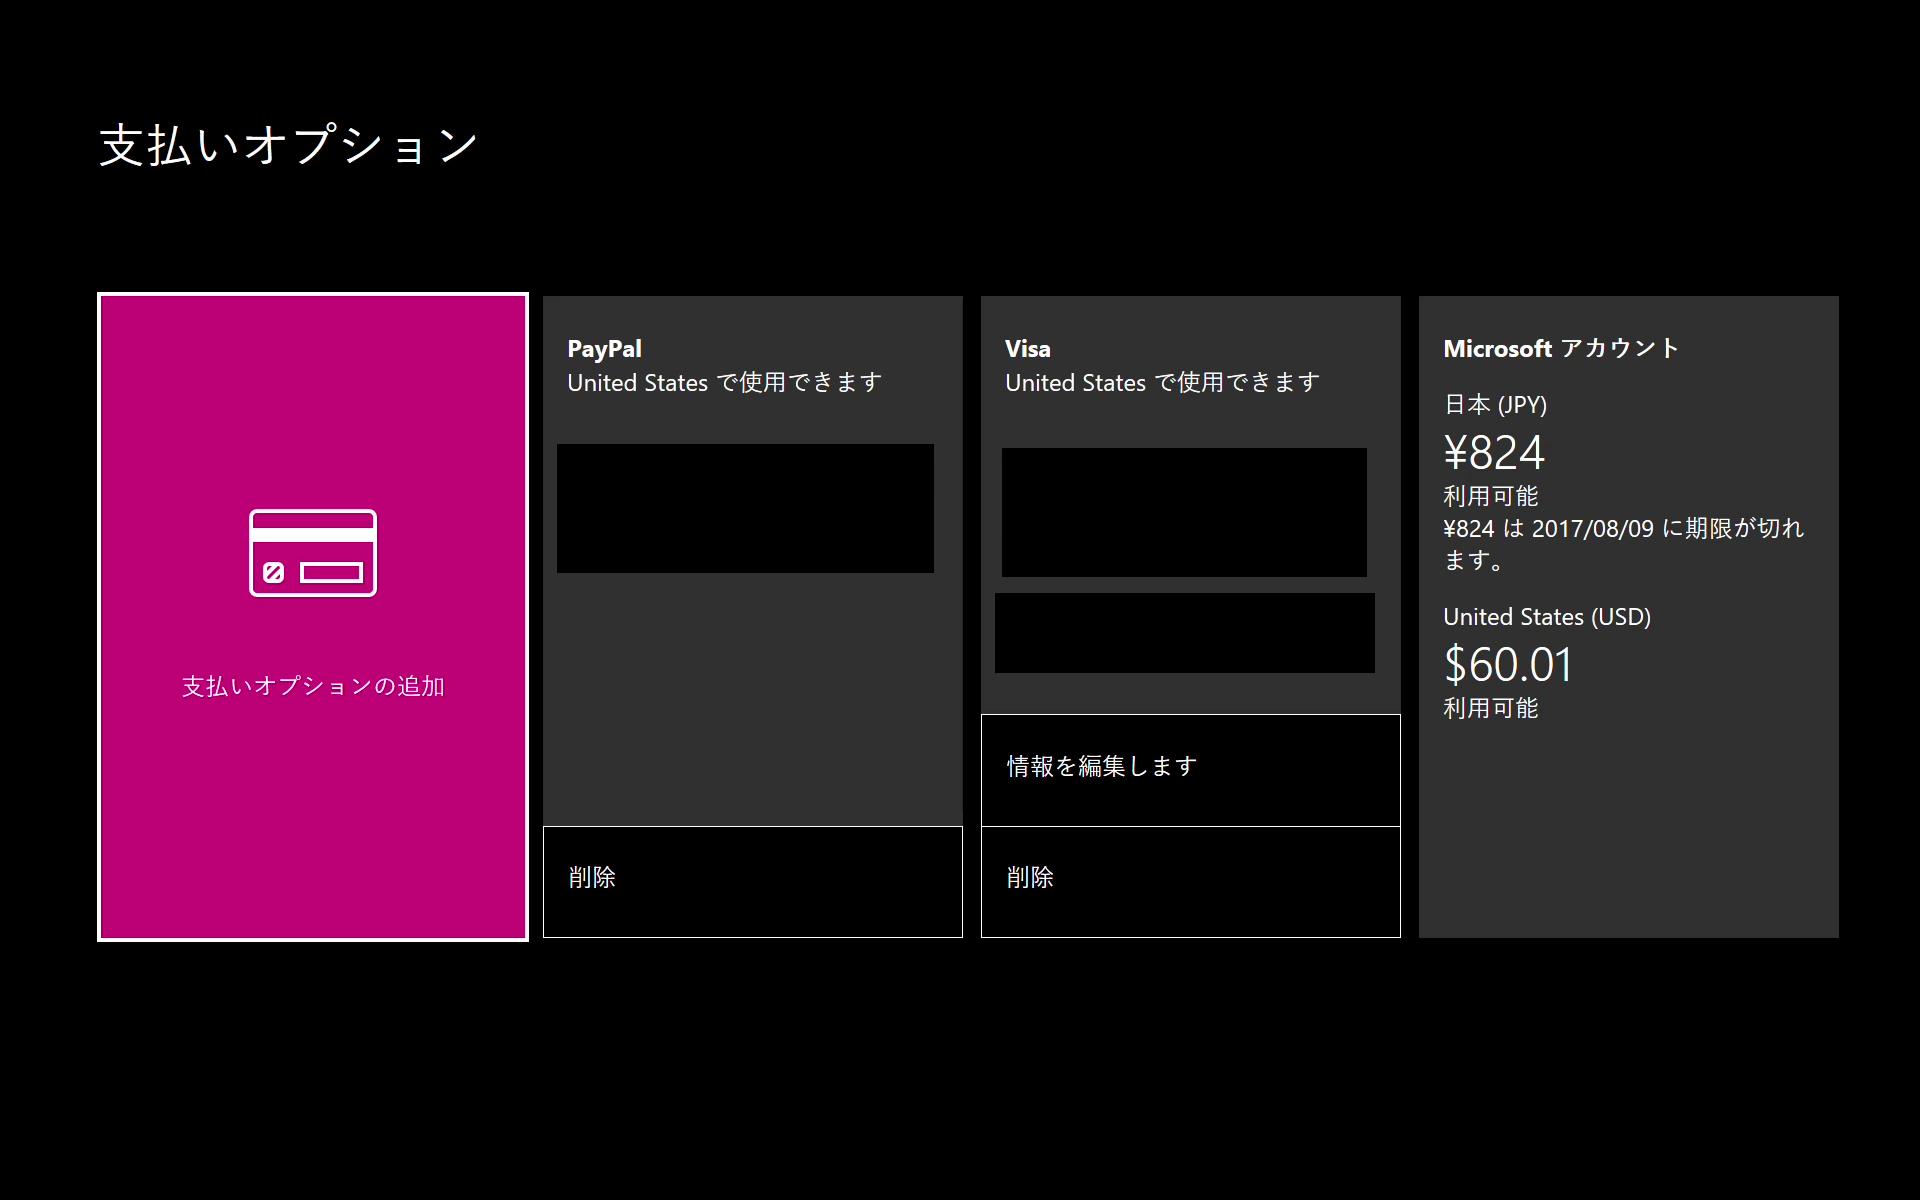 Xbox 2016_08_11 9_59_59